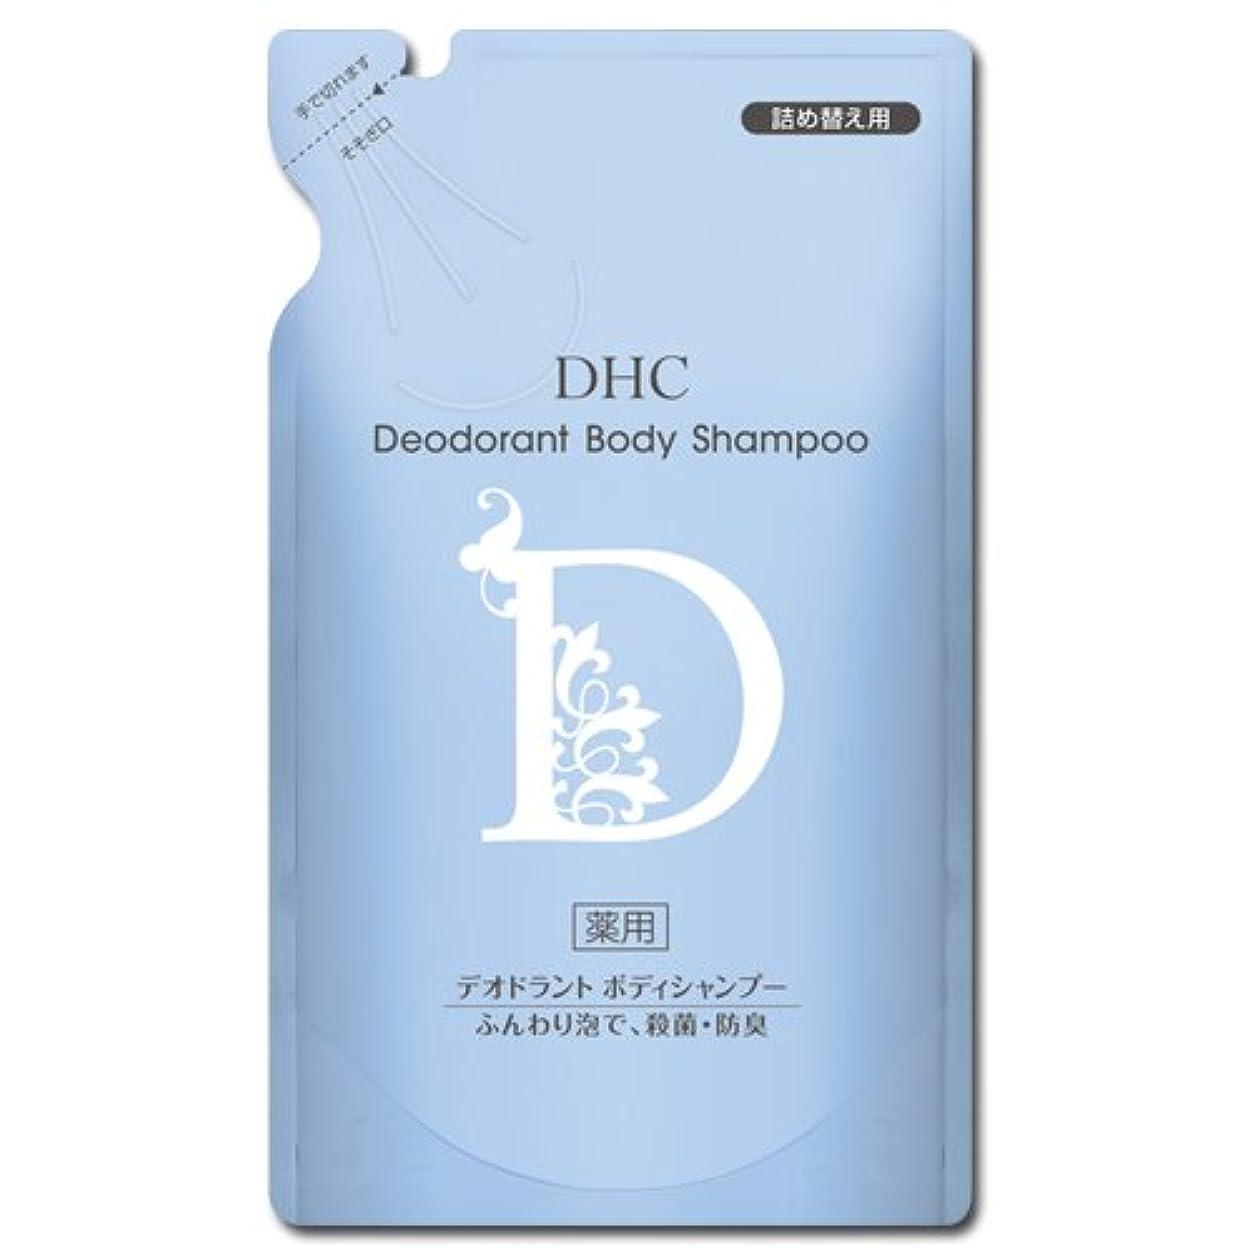 アーサーコナンドイル側面トライアスロン【医薬部外品】DHC薬用デオドラント ボディシャンプー 詰め替え用